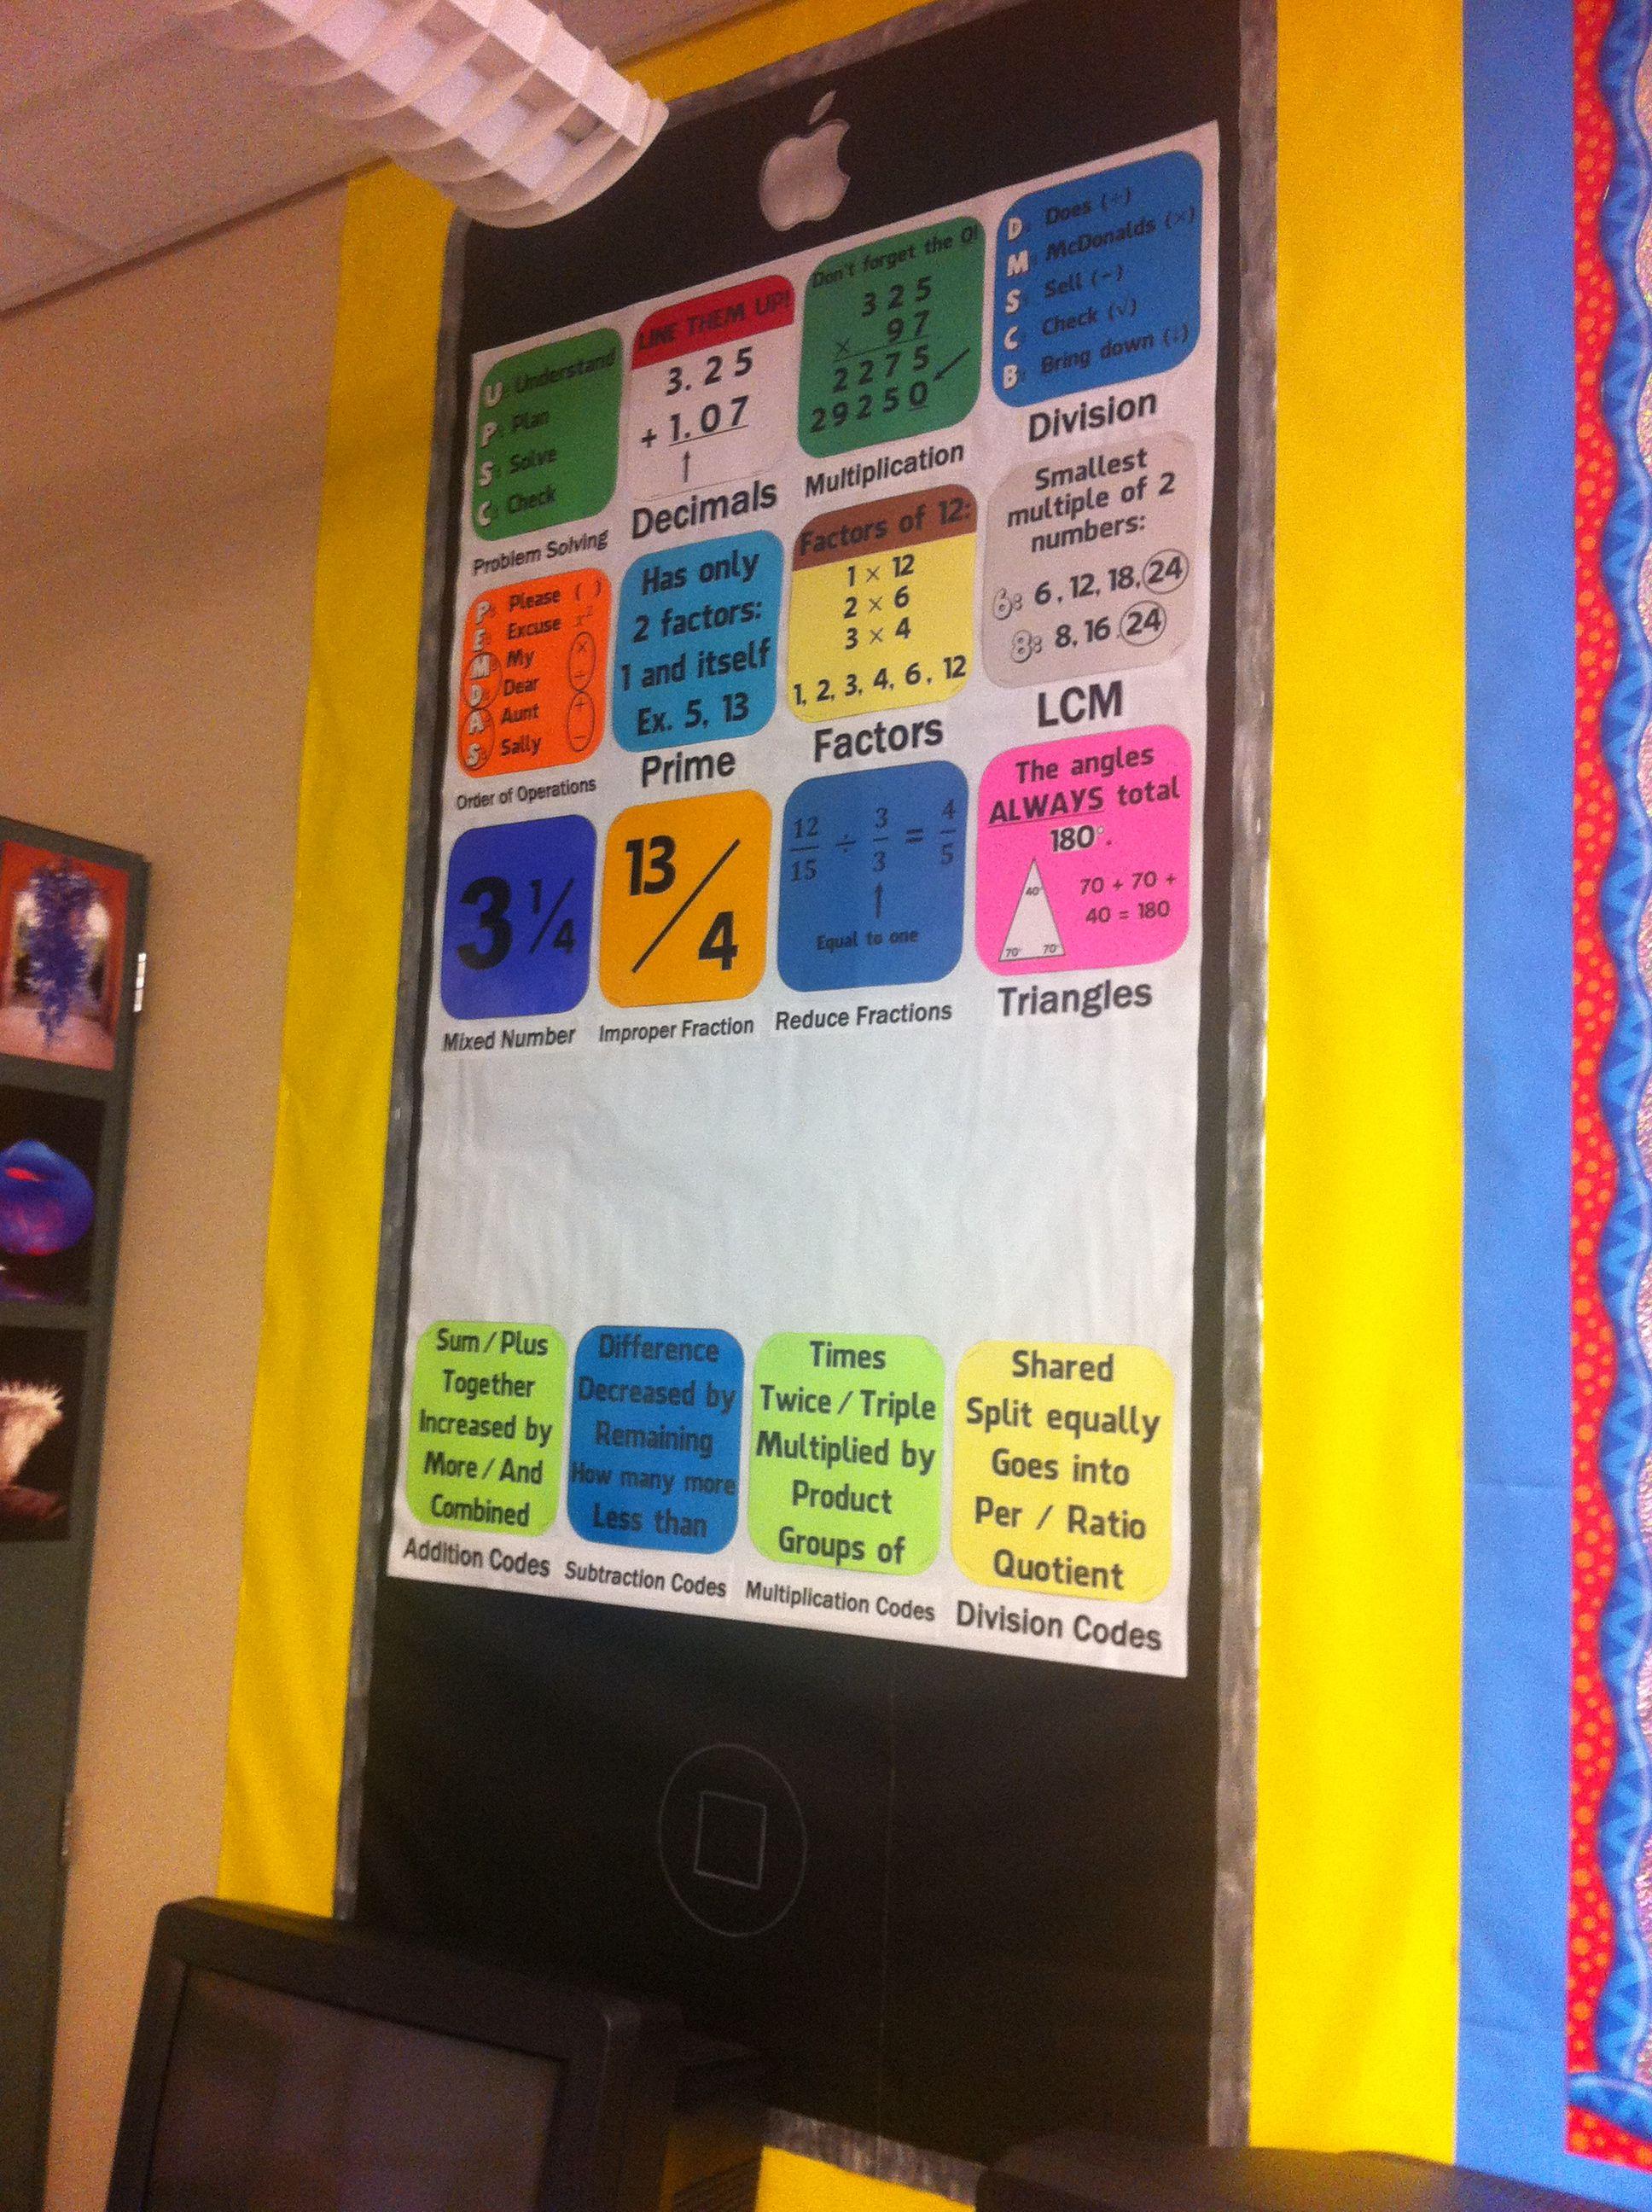 5th Grade Social Studies Classroom Decorations ~ My iphone th grade math quot app board has key vocab and